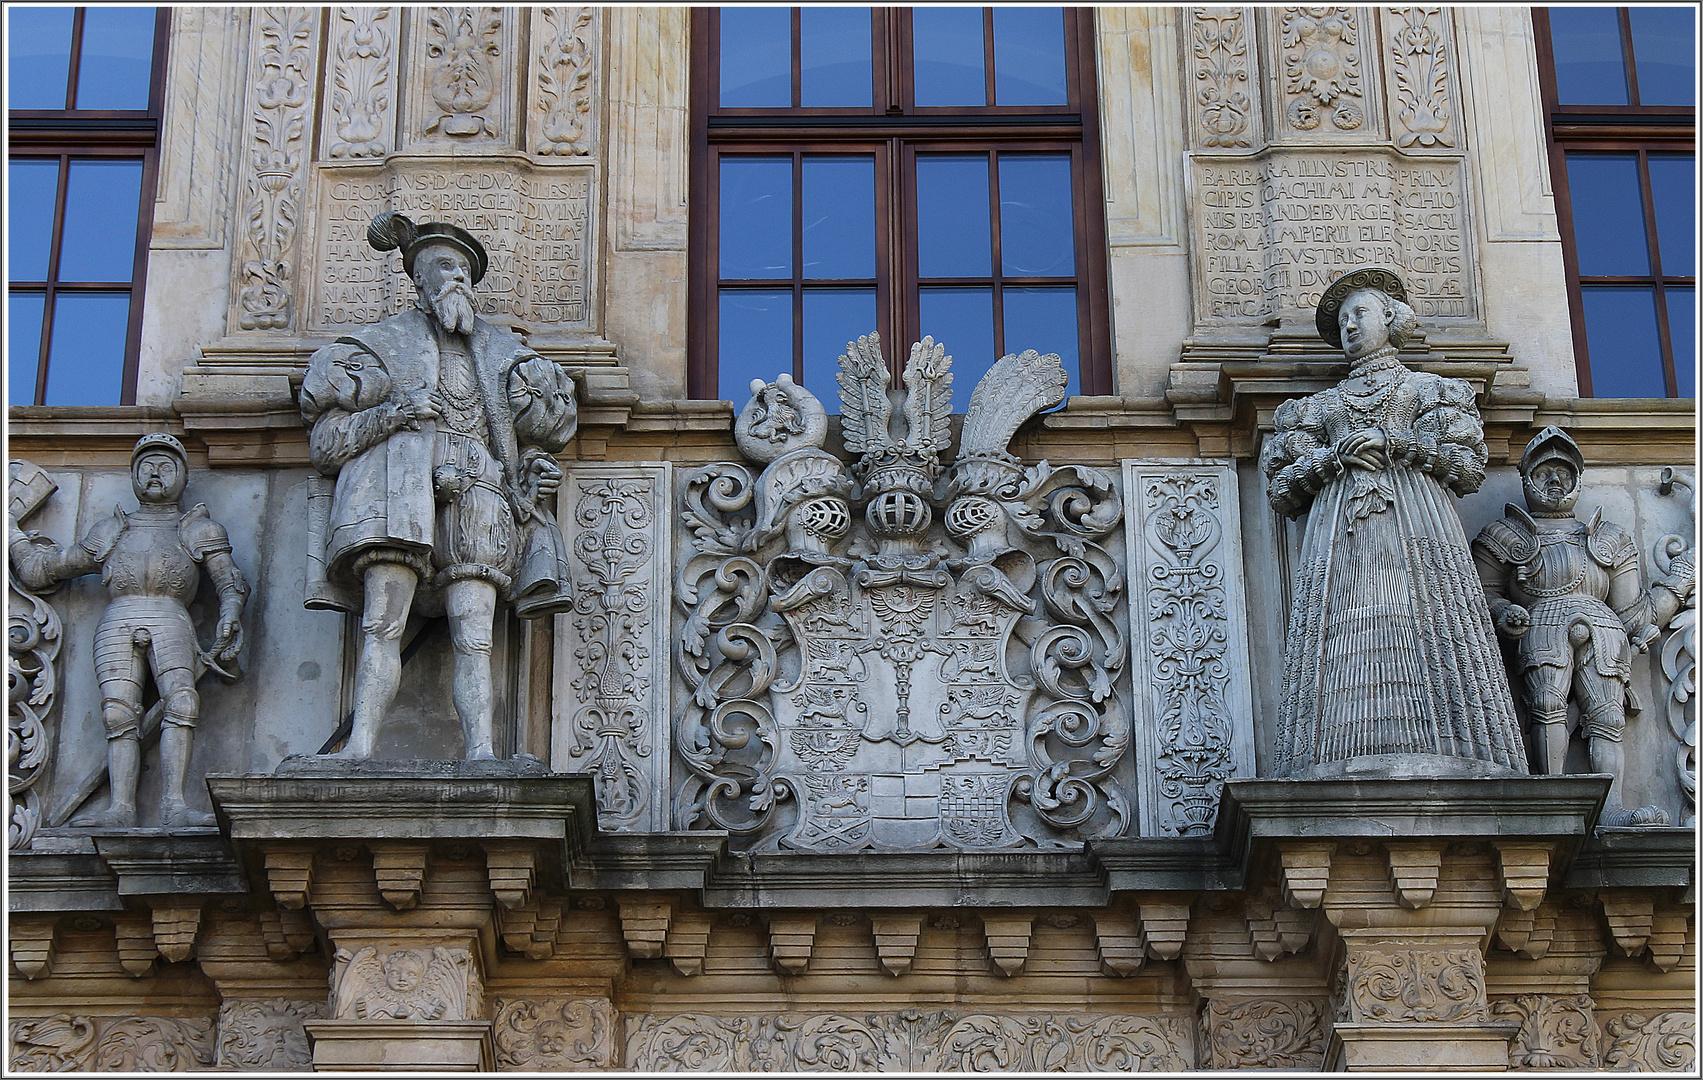 Hochzeit in Brieg (Brzeg) 1545